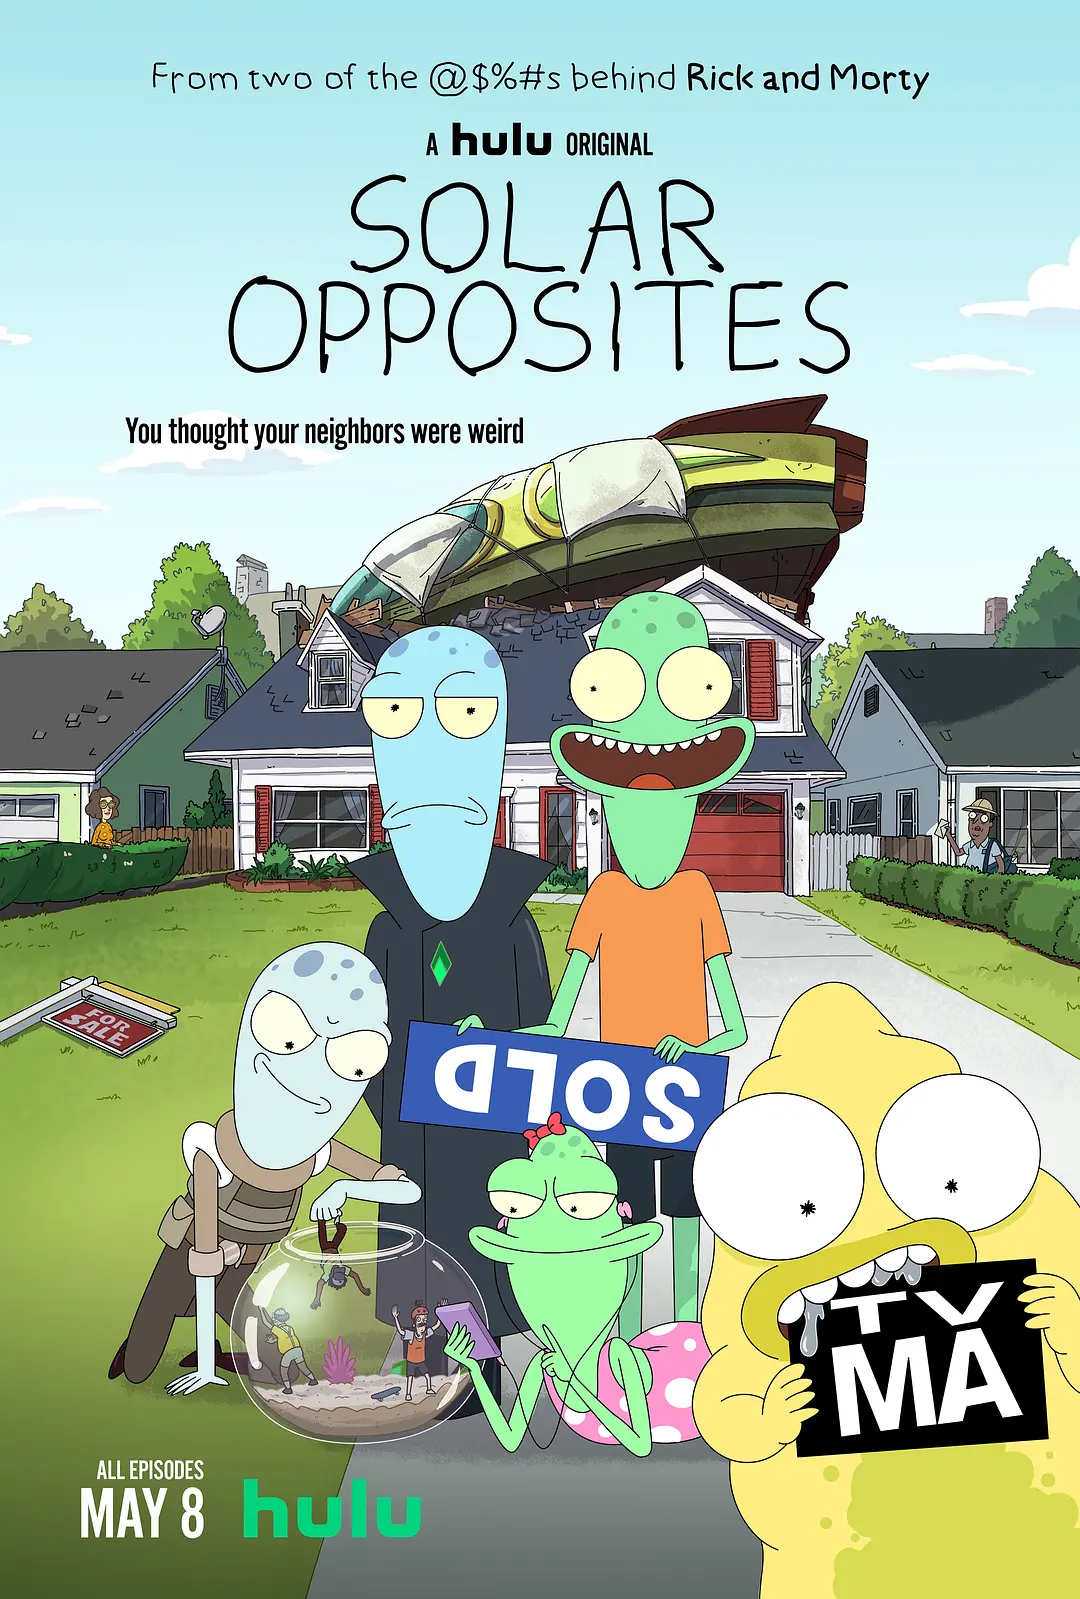 《外星也难民/Solar Opposites》第一季全集 百度云高清下载图片 第1张